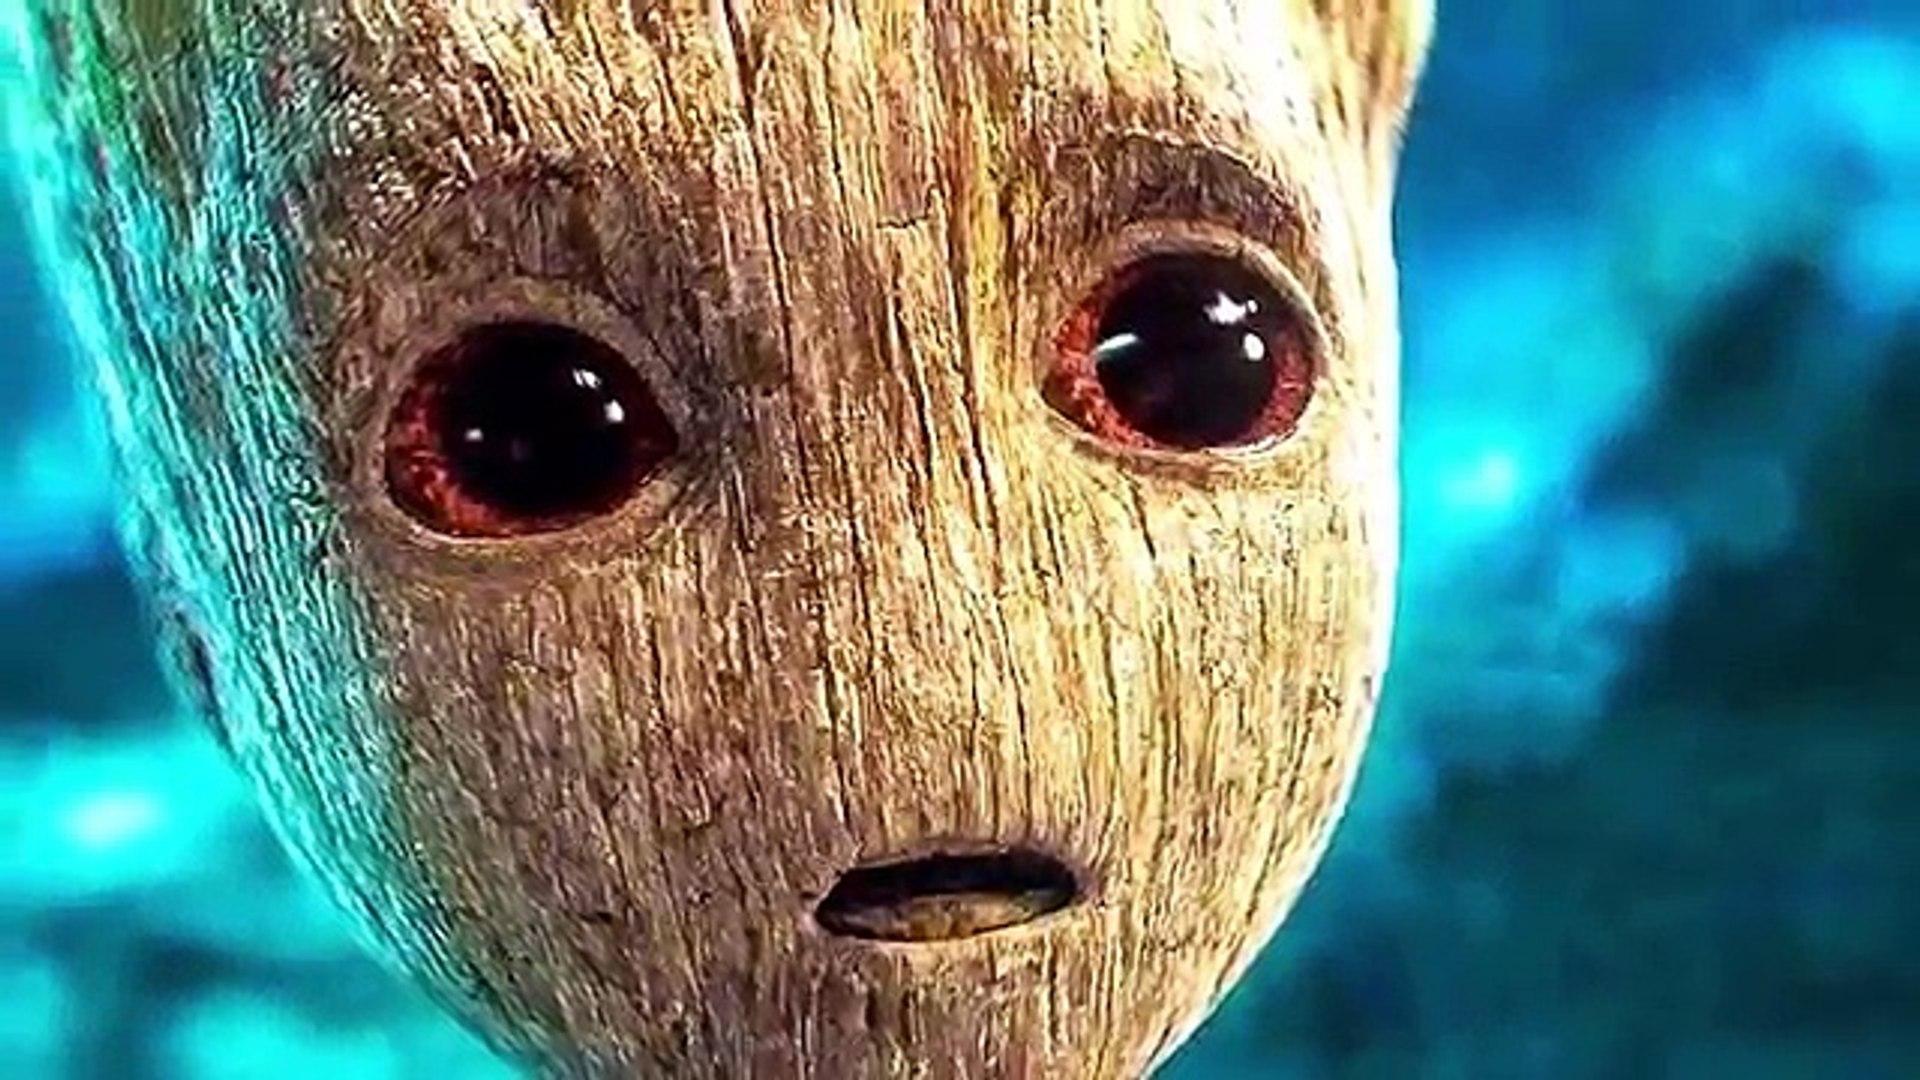 Acción bebé galaxia Groot traducción guardianes movimiento película de el remolque 2 2017 chris prat